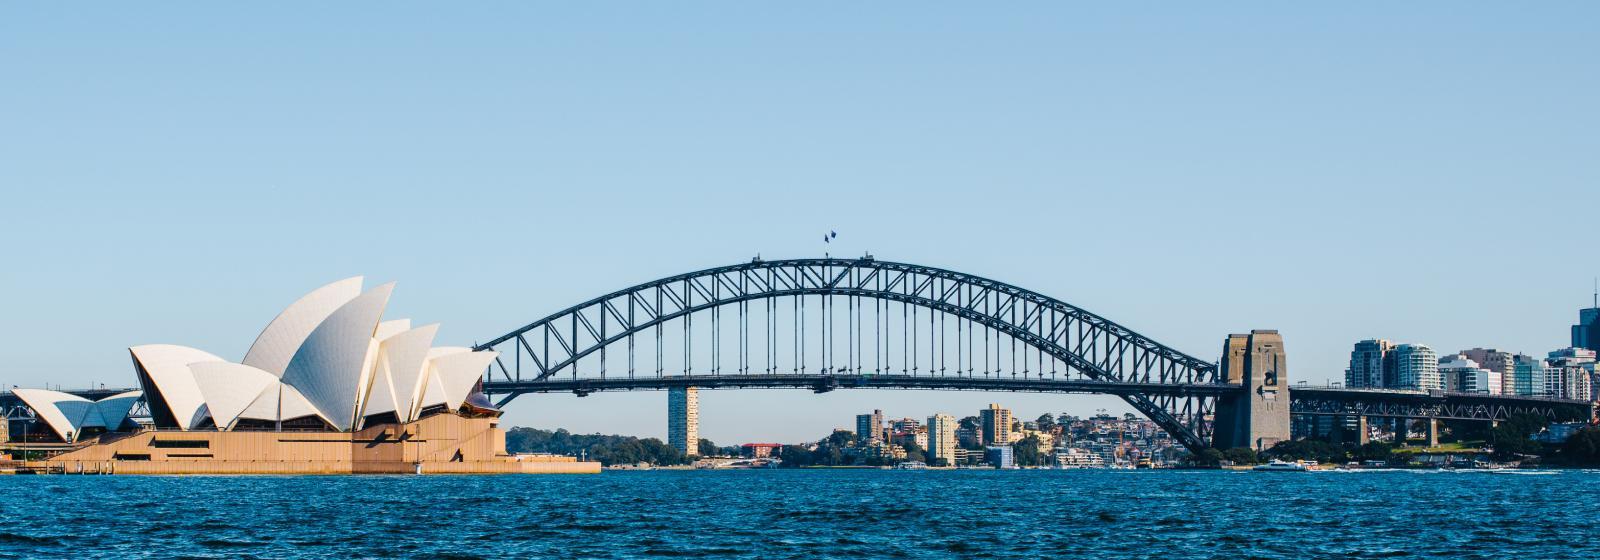 Aktivitäten in Sydney